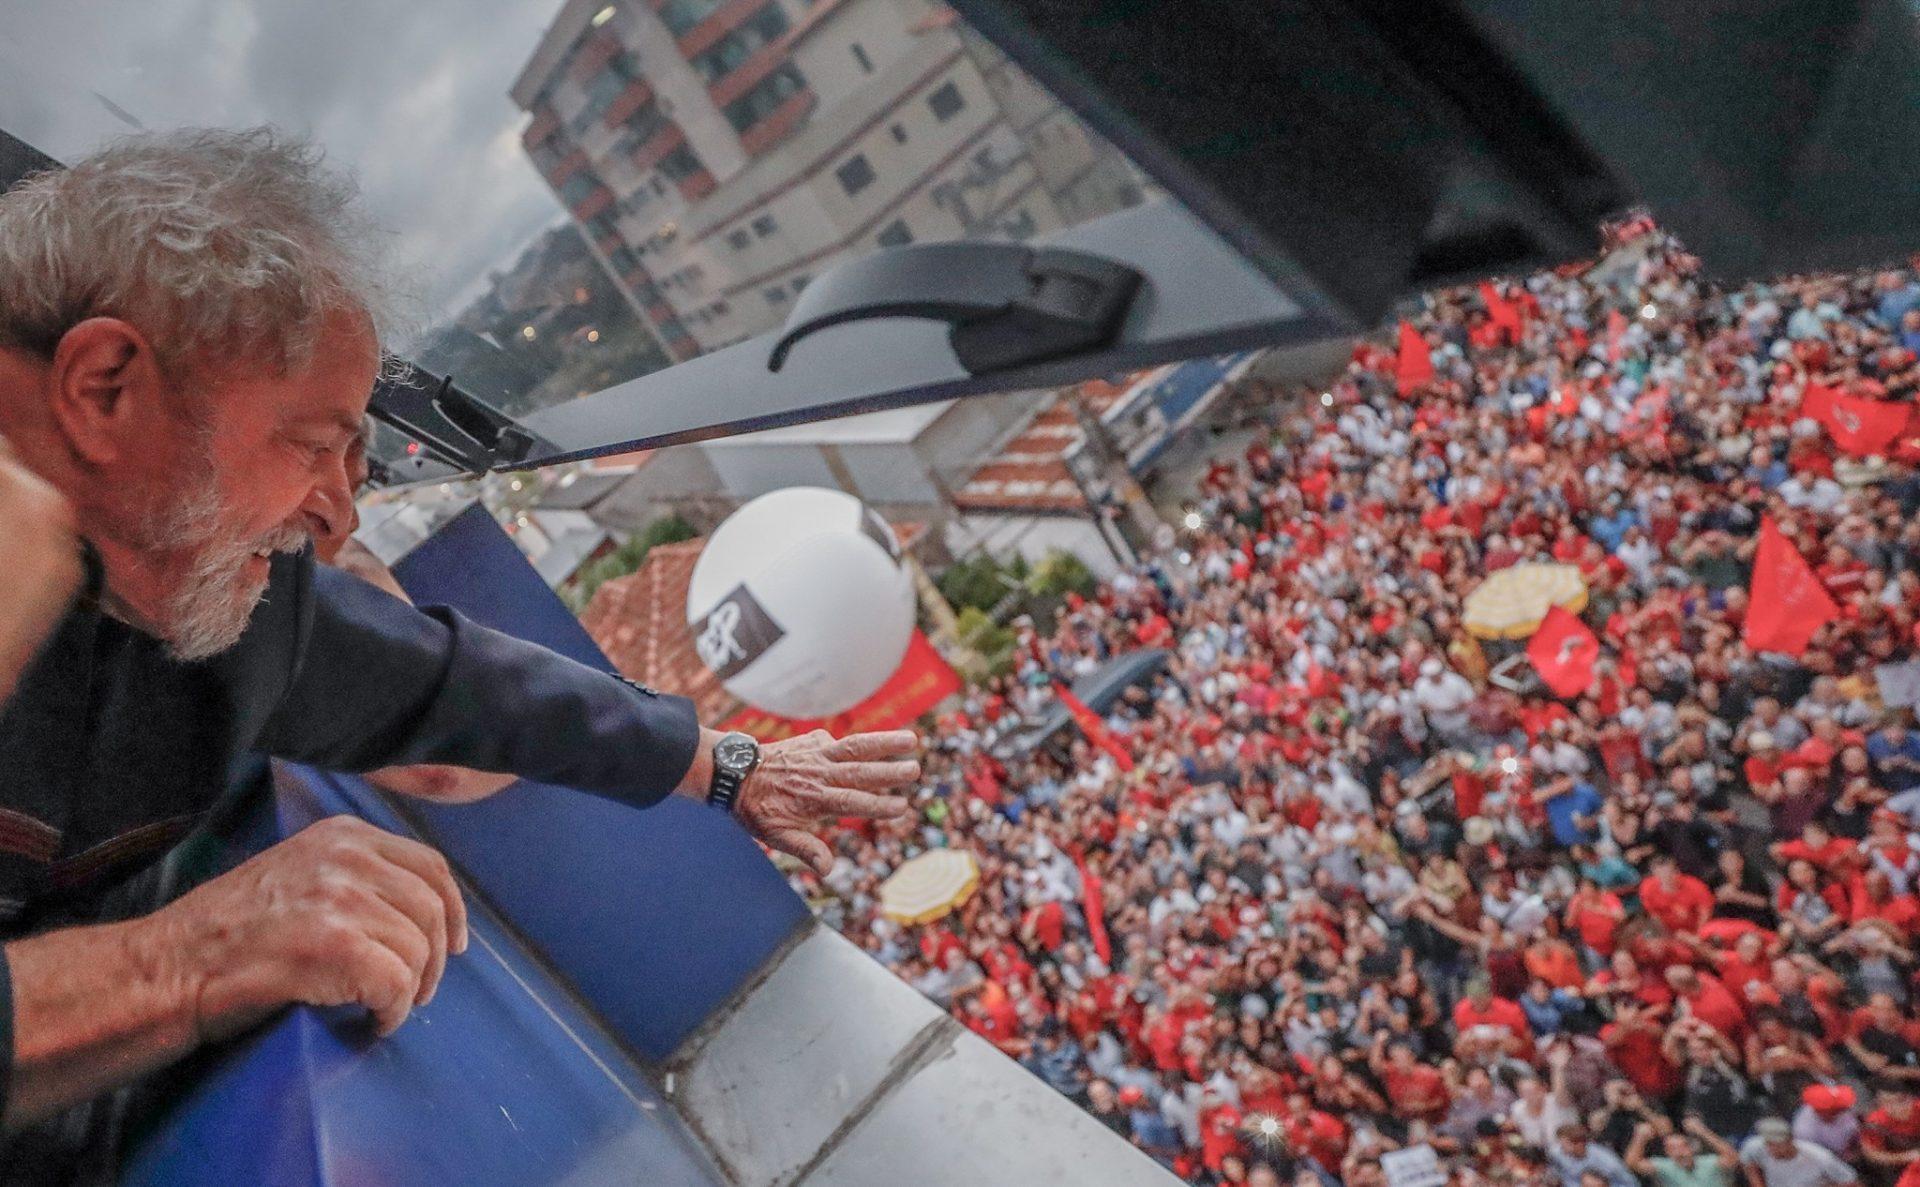 Lula: O tempo está revelando a verdade, ela vencerá, nosso reencontro virá; leia íntegra da carta